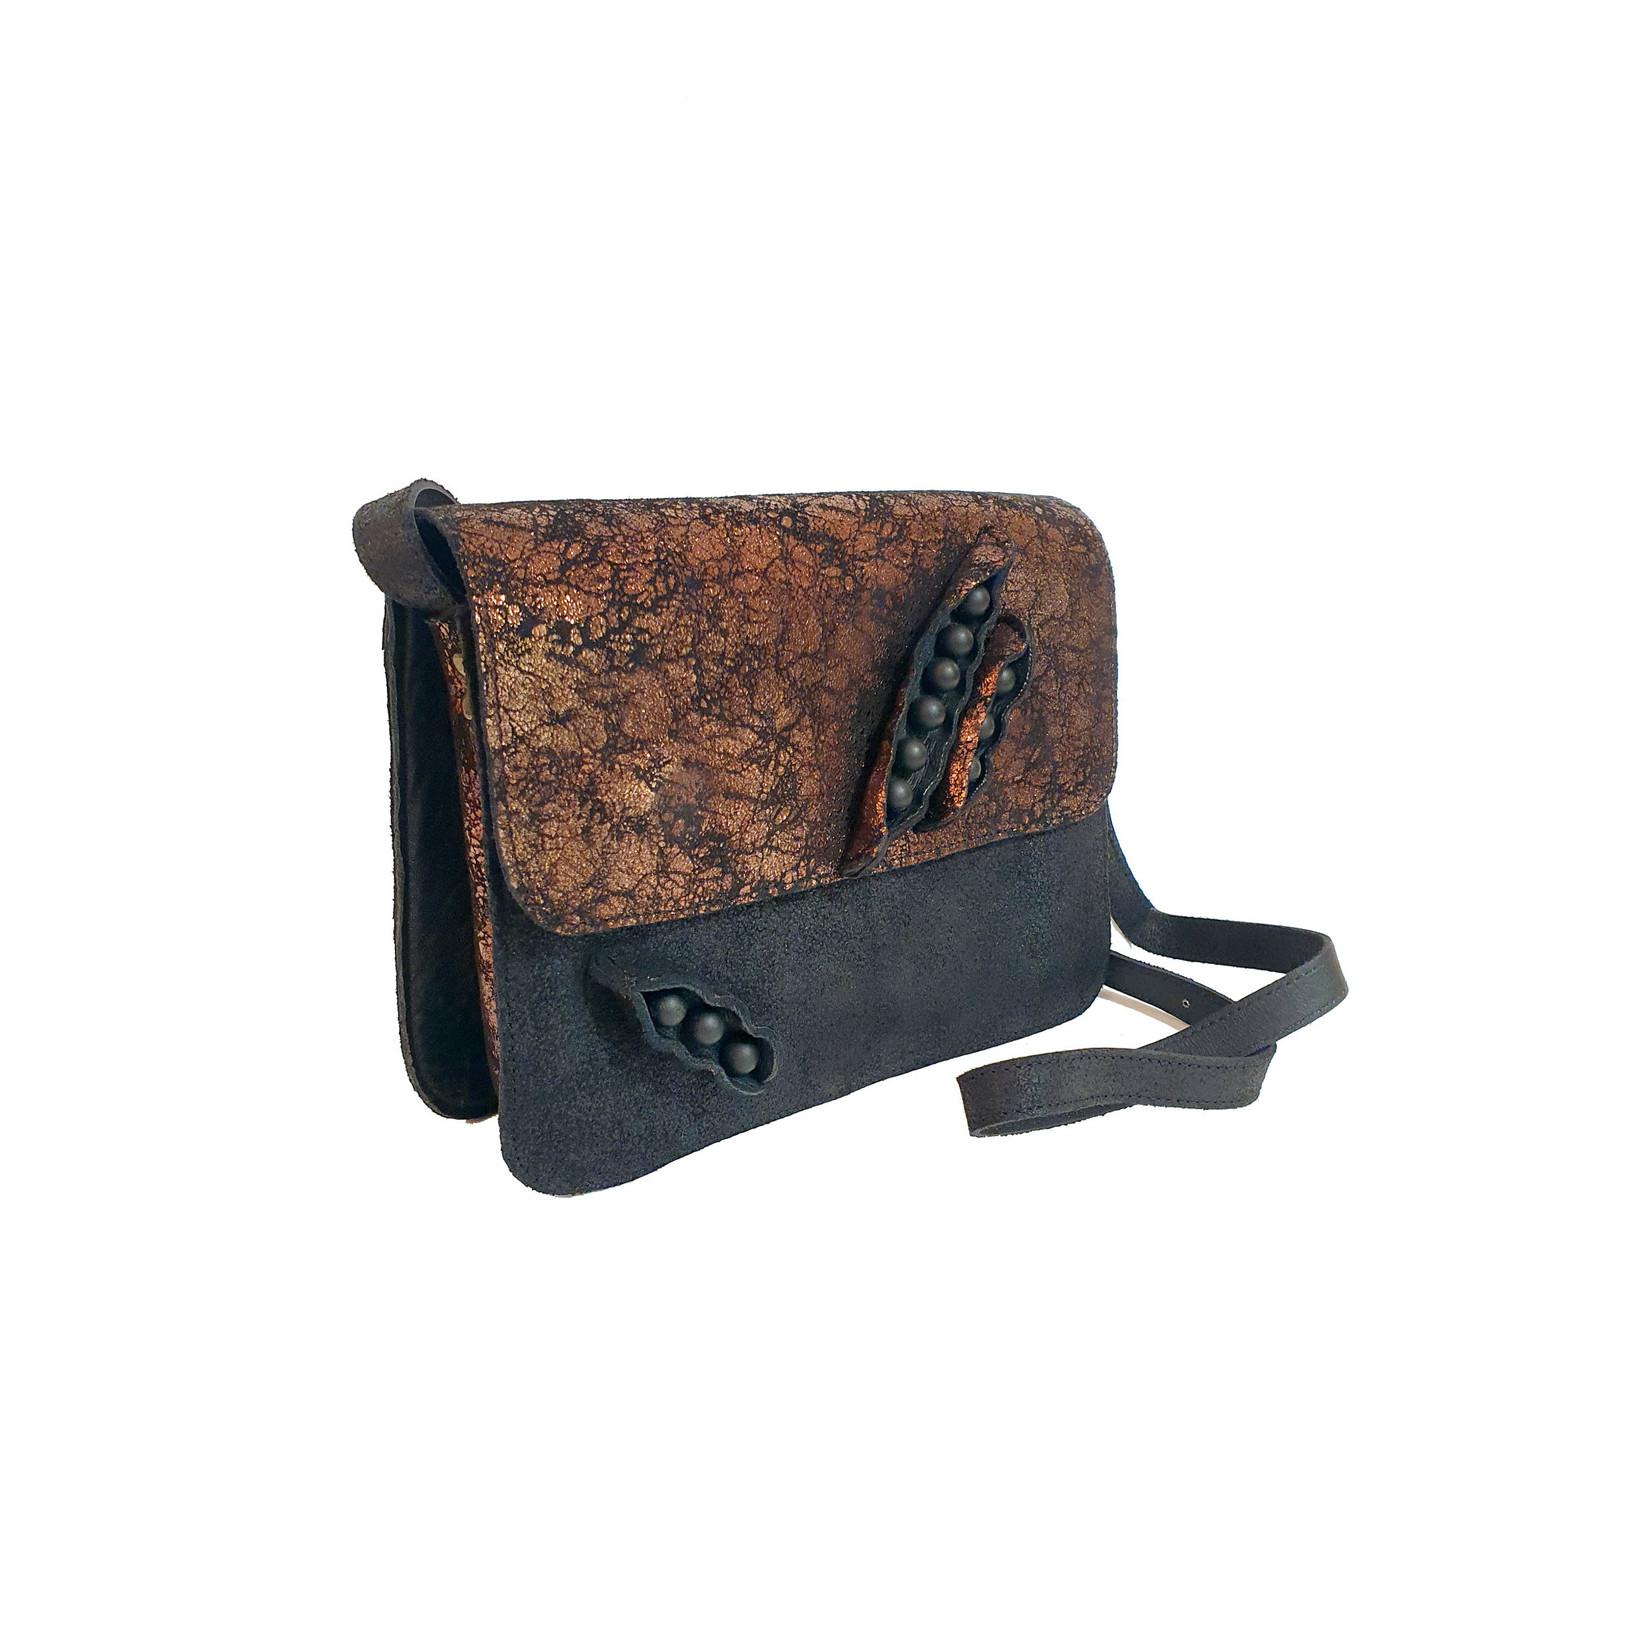 bag VINDALO zwart/koper